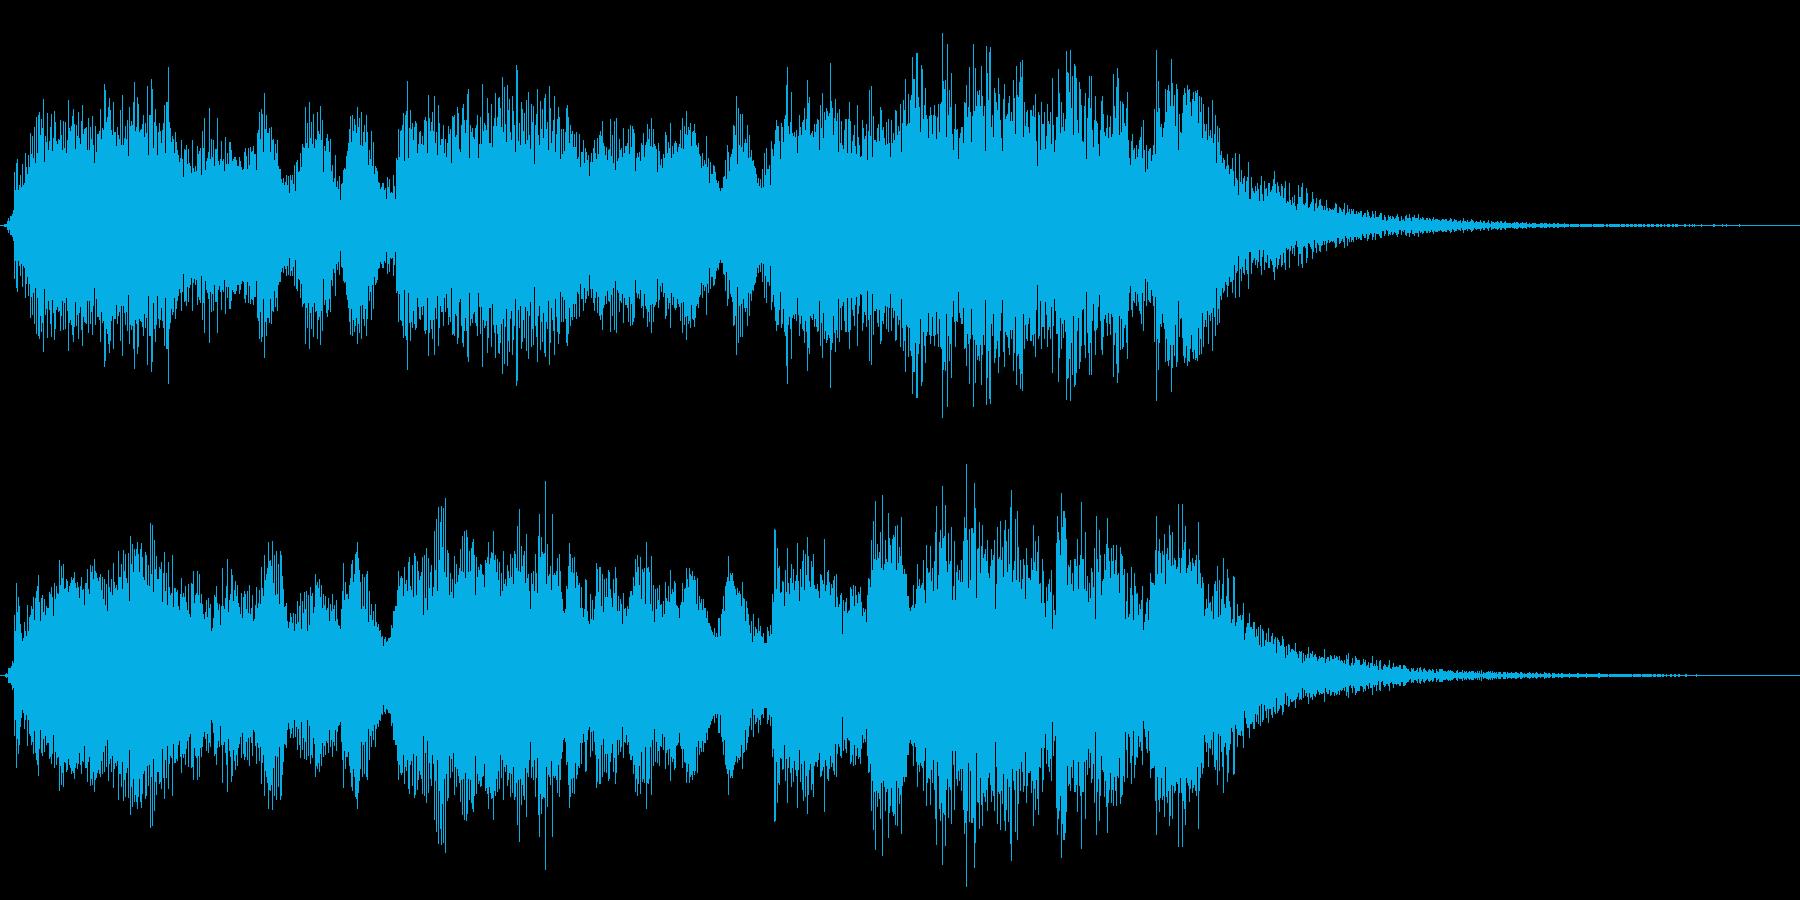 華やかな王宮オーケストラ風ジングルの再生済みの波形